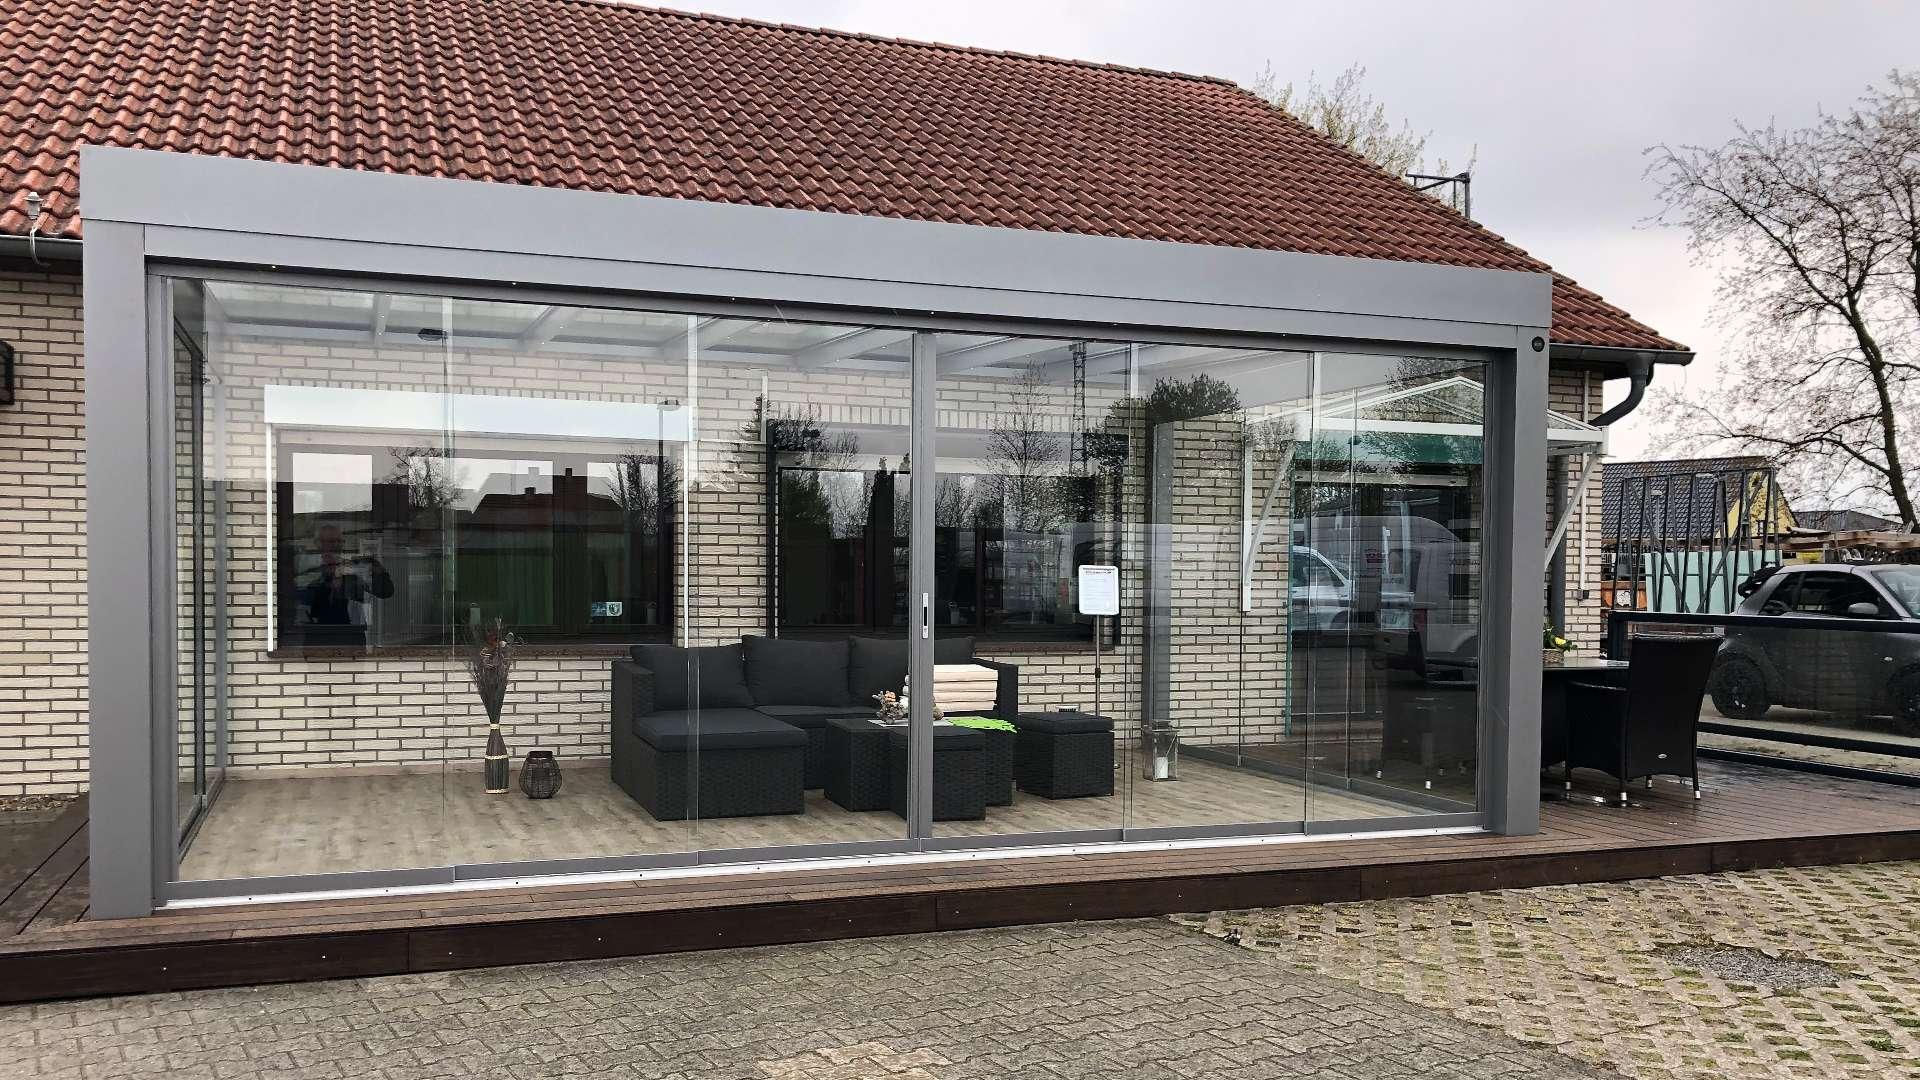 SDL Acubis Terrassendach in der Außenausstellung von Knobloch in Gardelegen